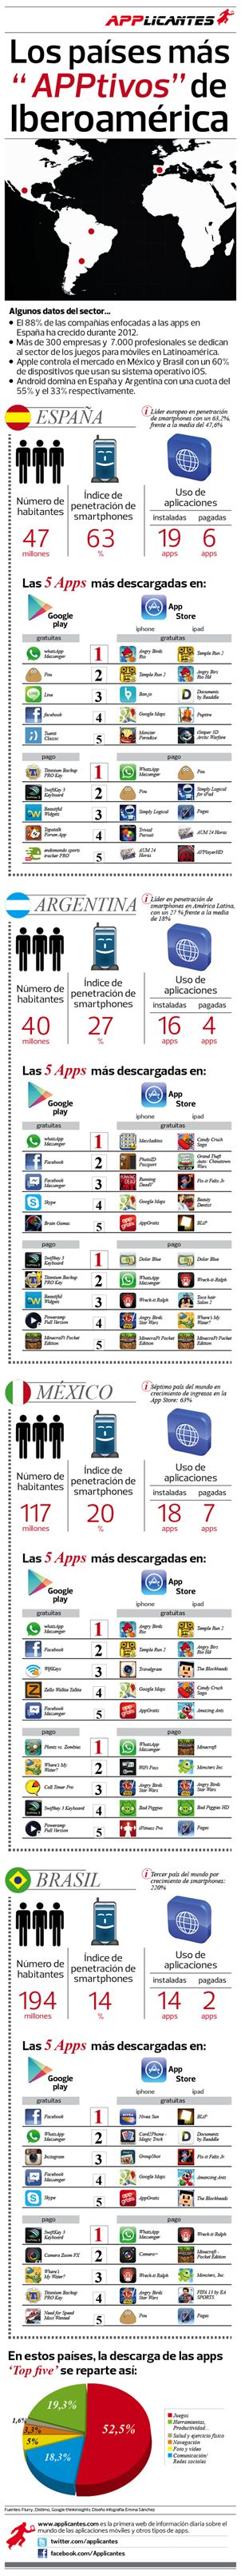 Datos y apps más descargadas en cada pais de iberoamerica #mobile #app